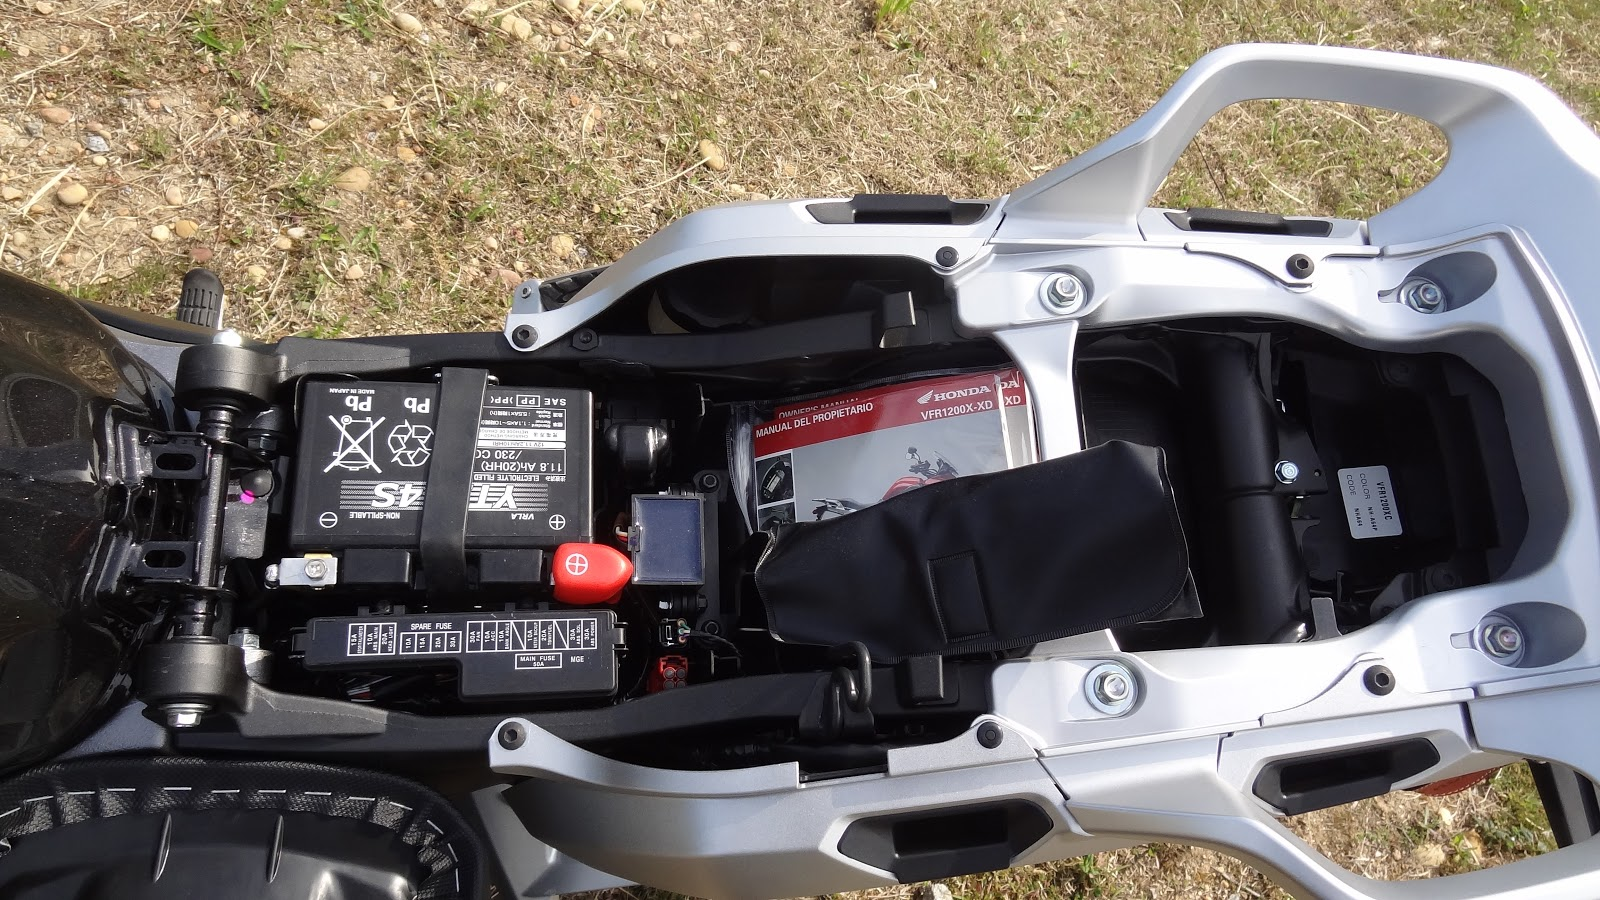 Honda vfr 800: технические характеристики, отзывы